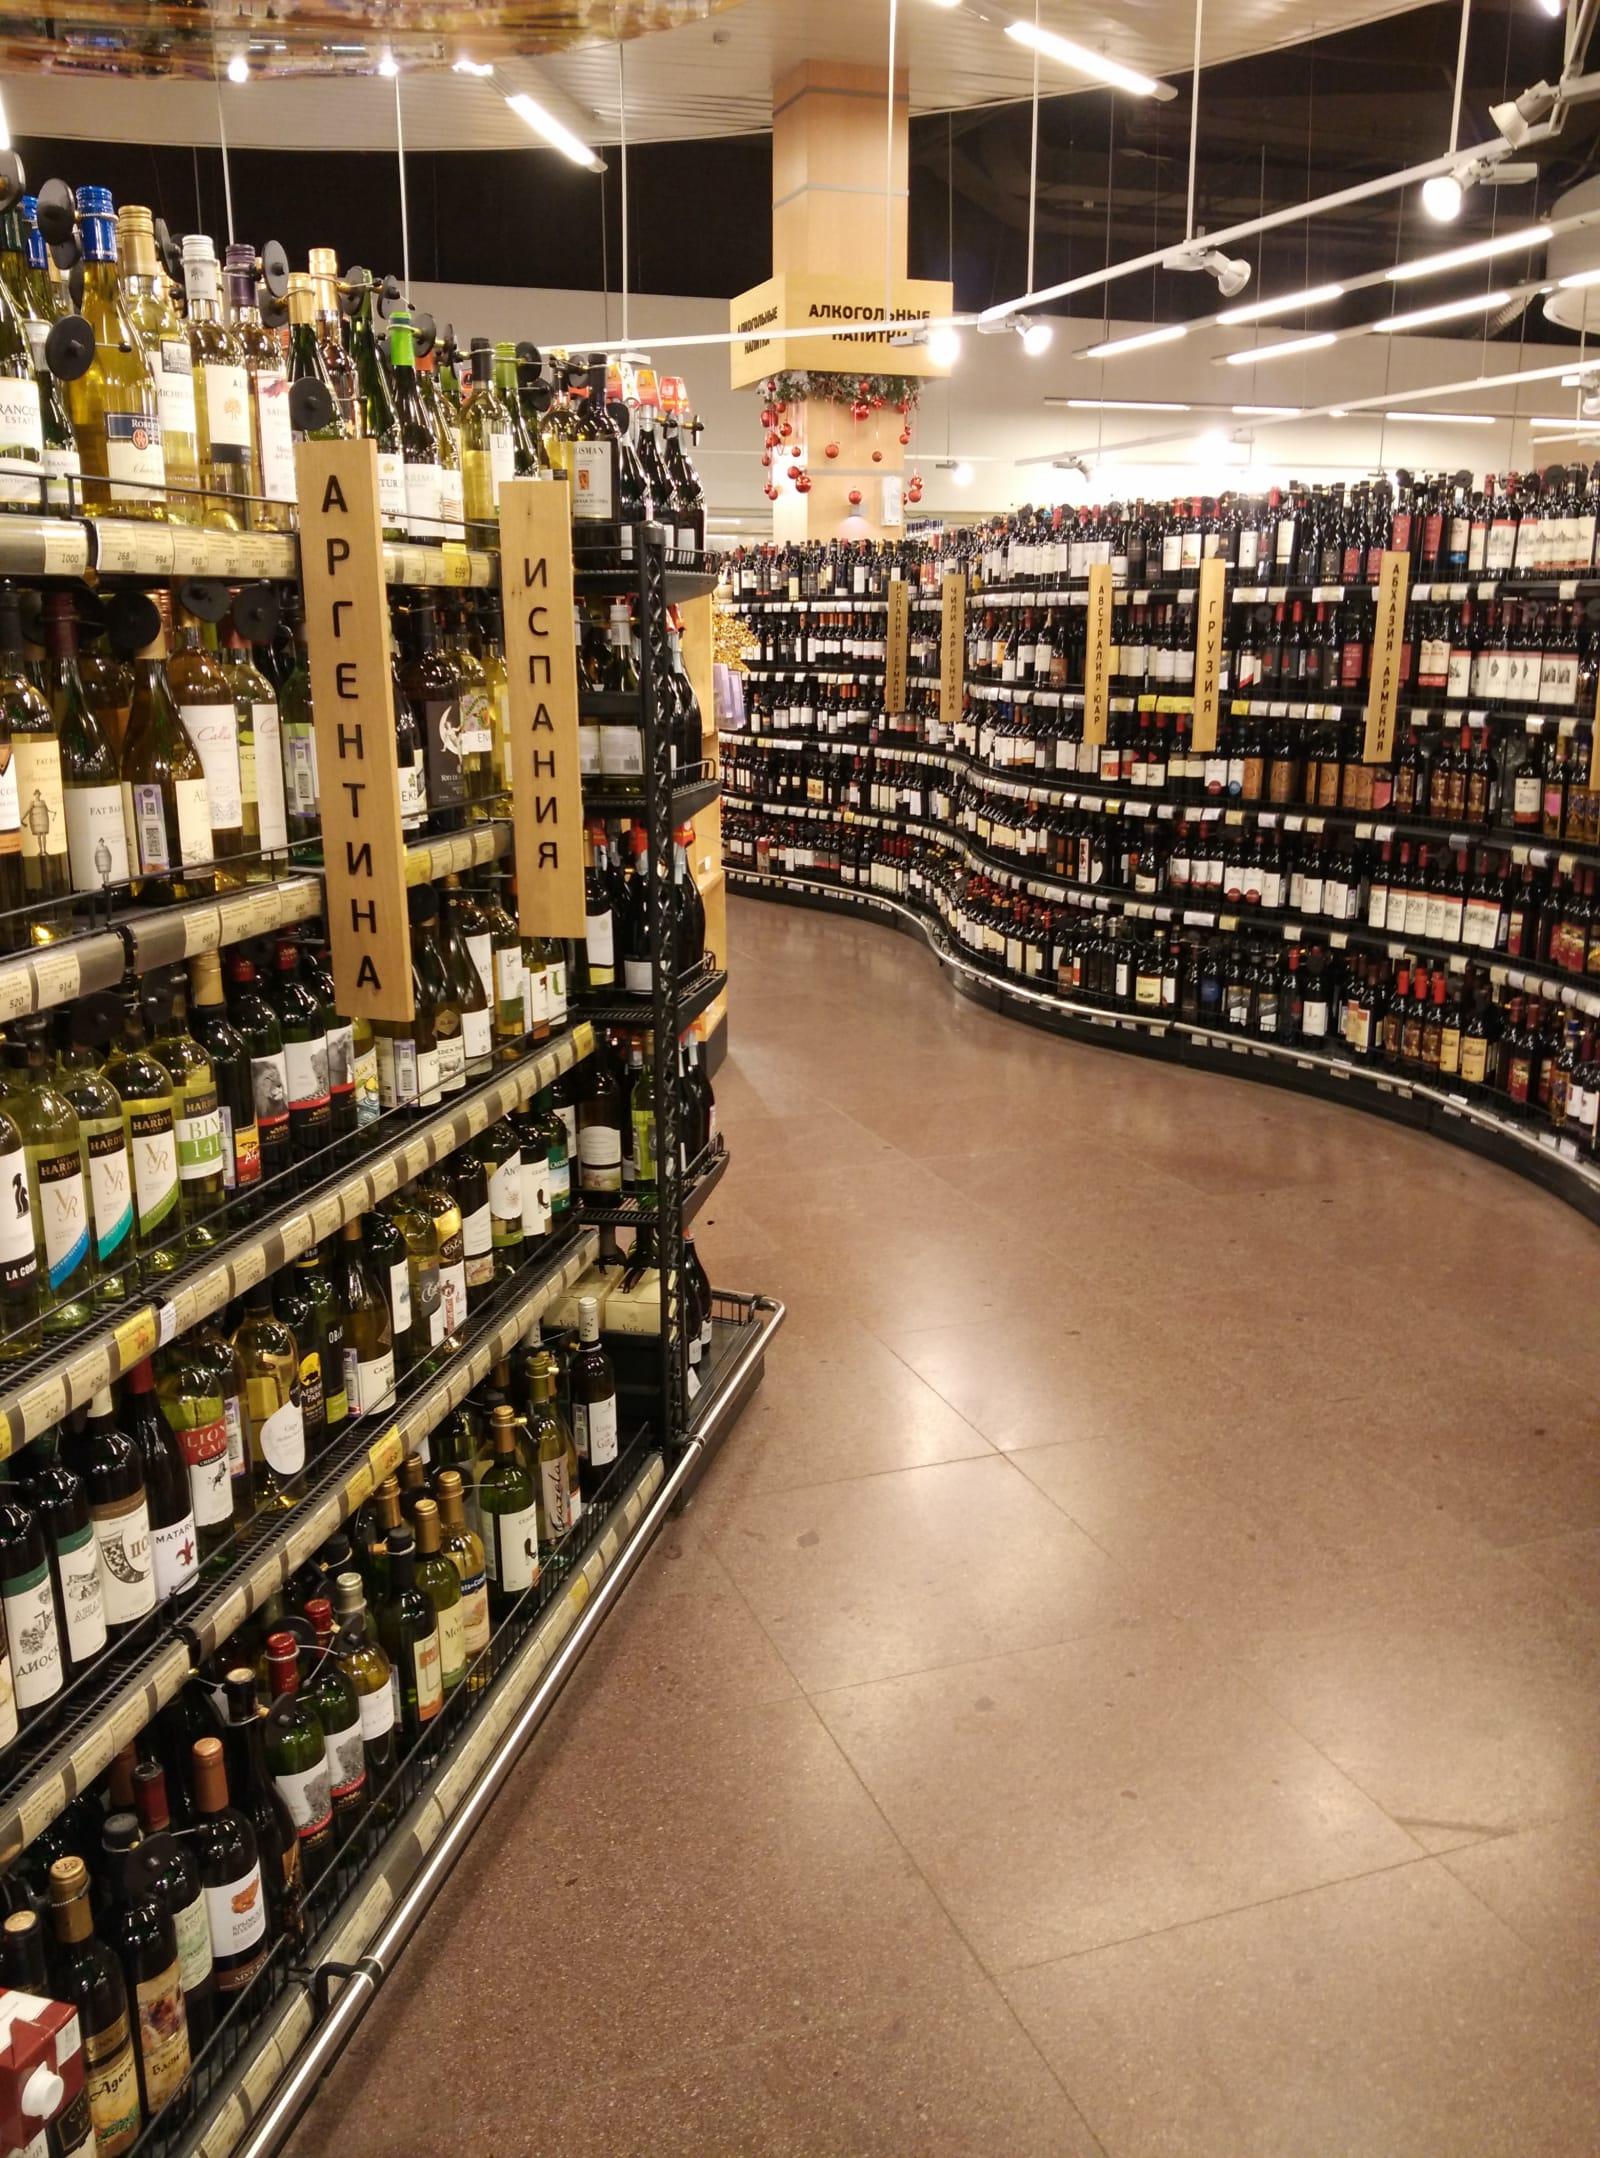 俄罗斯超市葡萄酒|俄罗斯留学物价|俄罗斯超市物价|俄罗斯留学